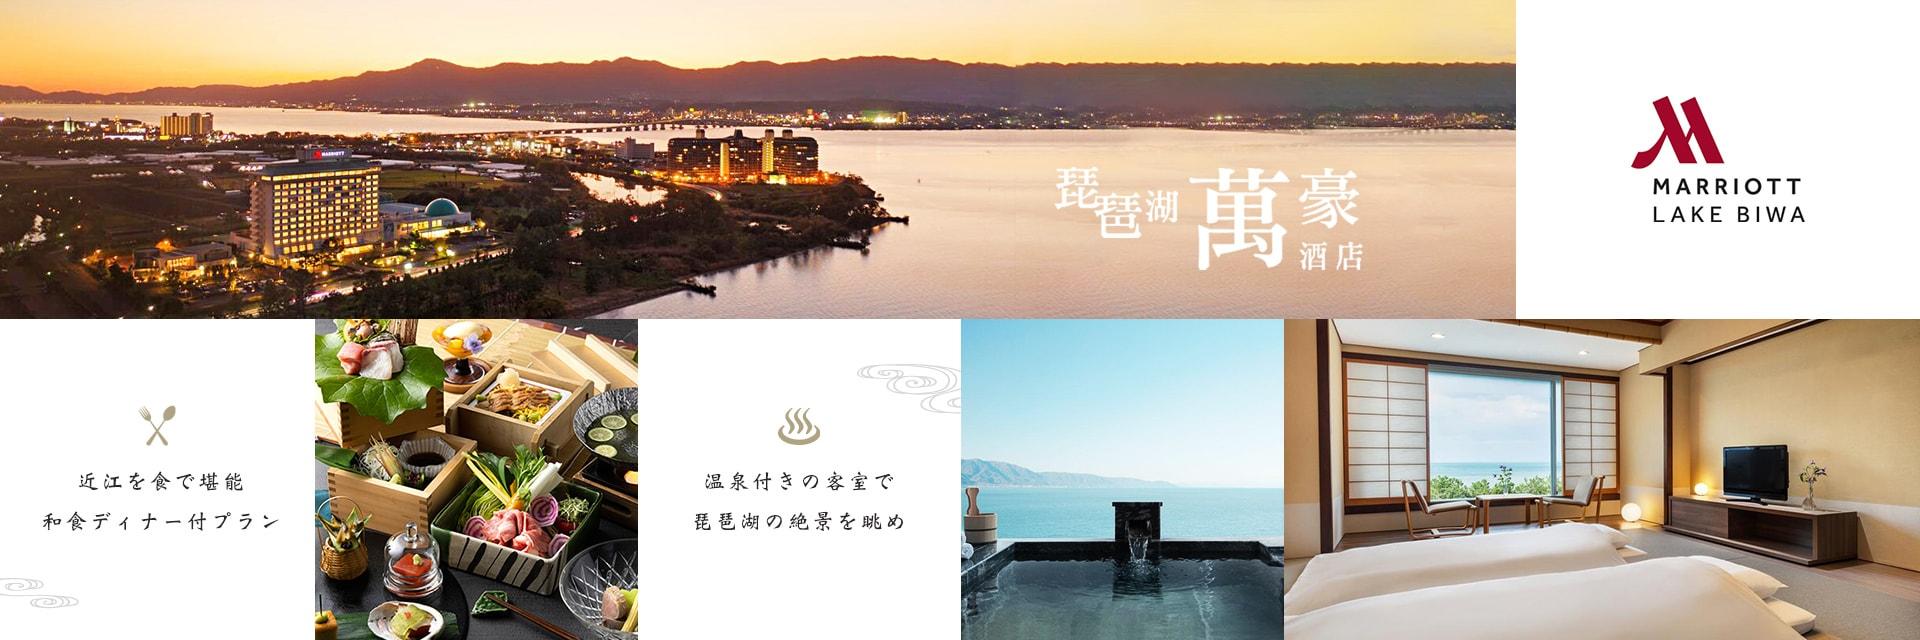 日本琵琶湖萬豪酒店